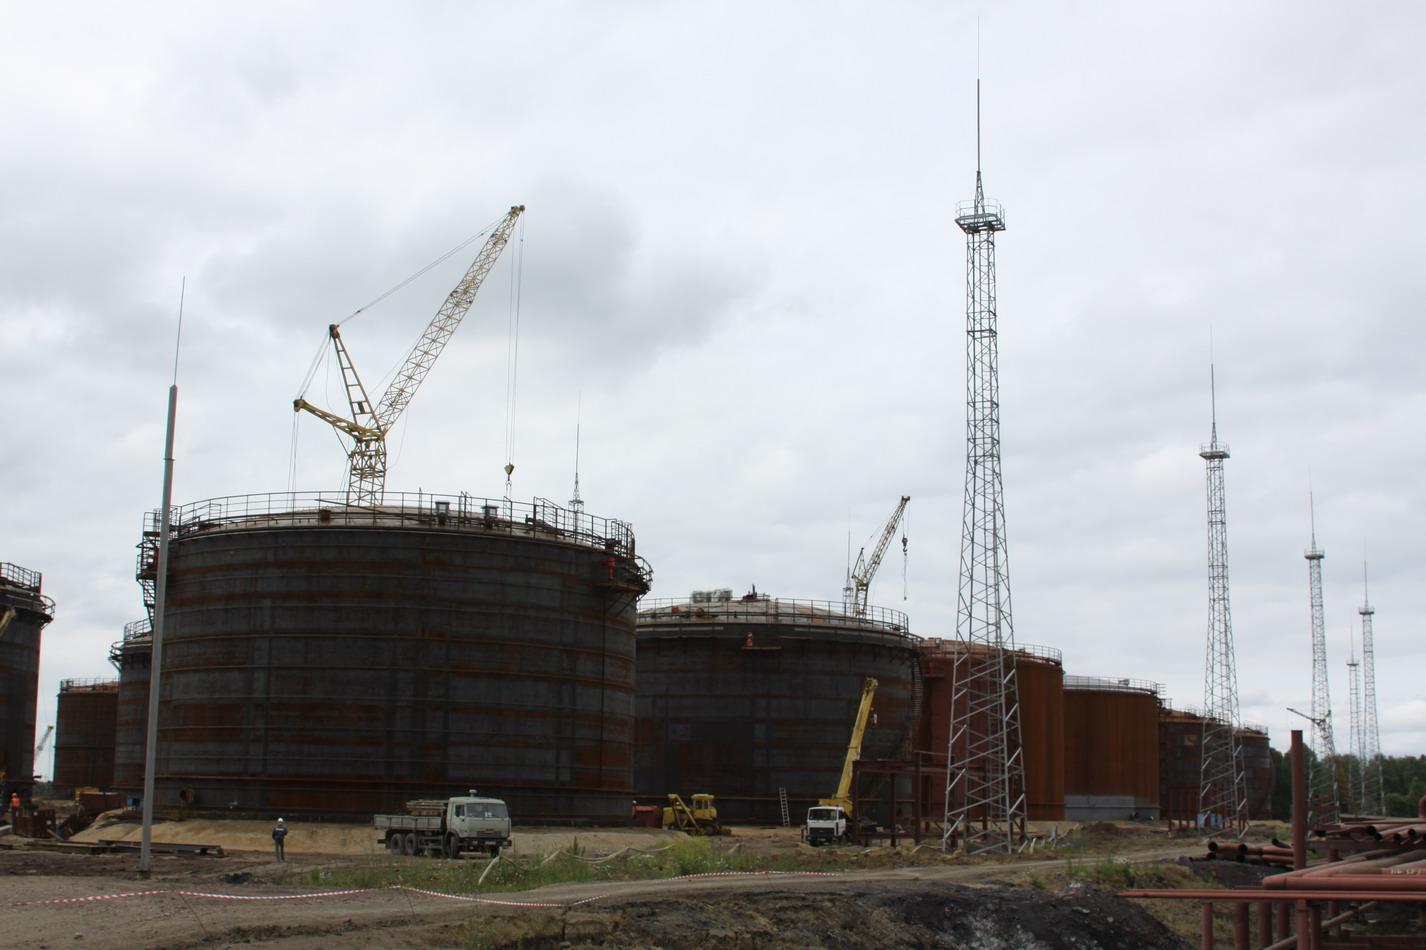 Сегодня губернатор А Г Тулеев посетил строящийся Яйский нефтеперерабатывающий завод НПЗ